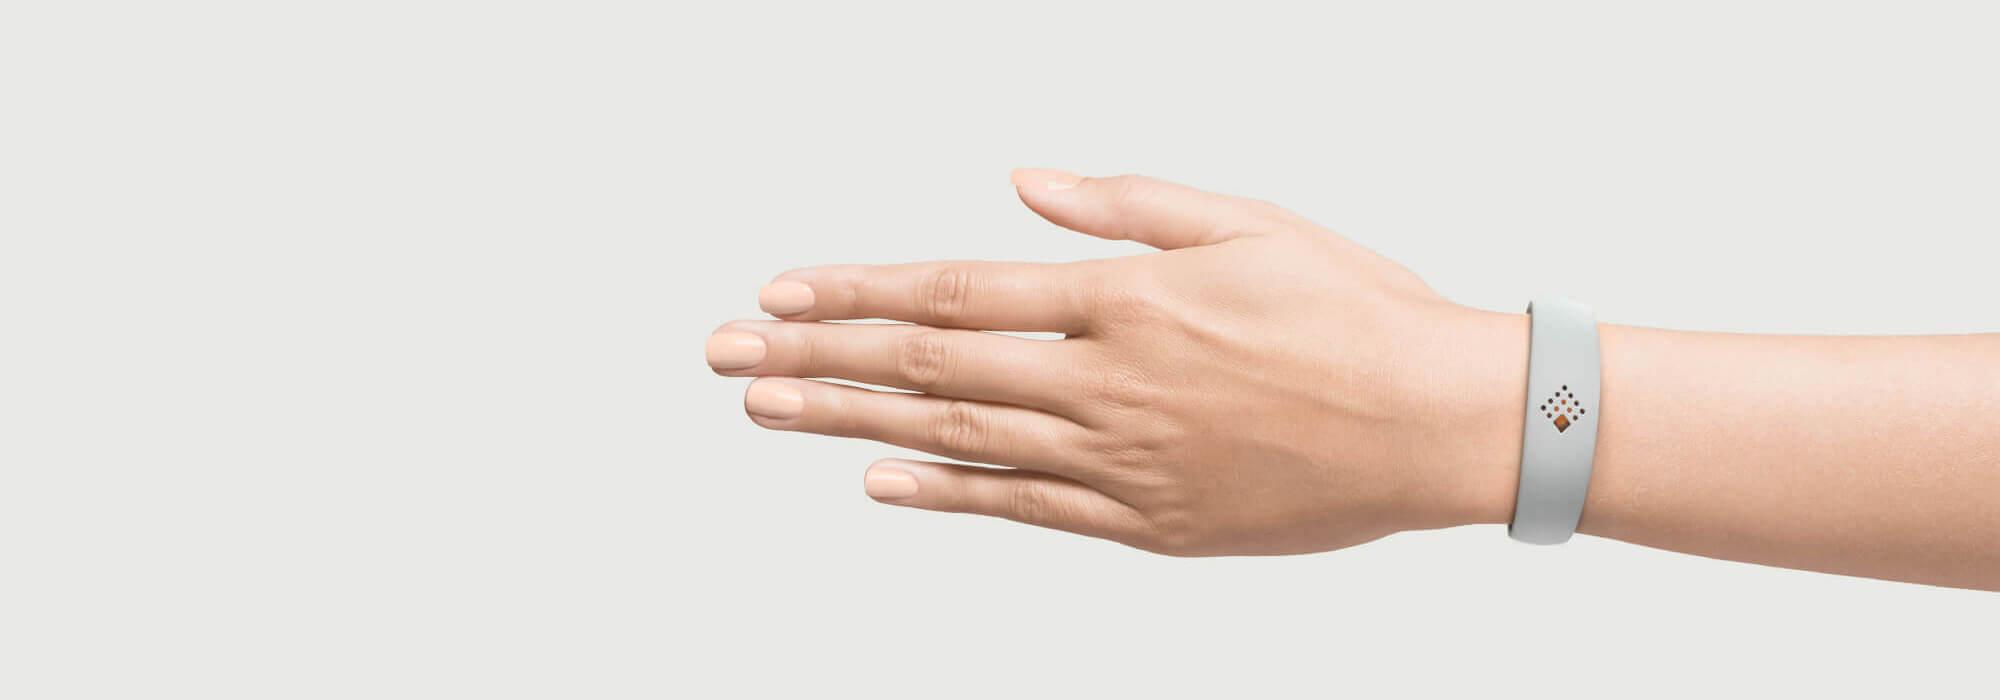 Hall AMBRIO käevõru naise käel